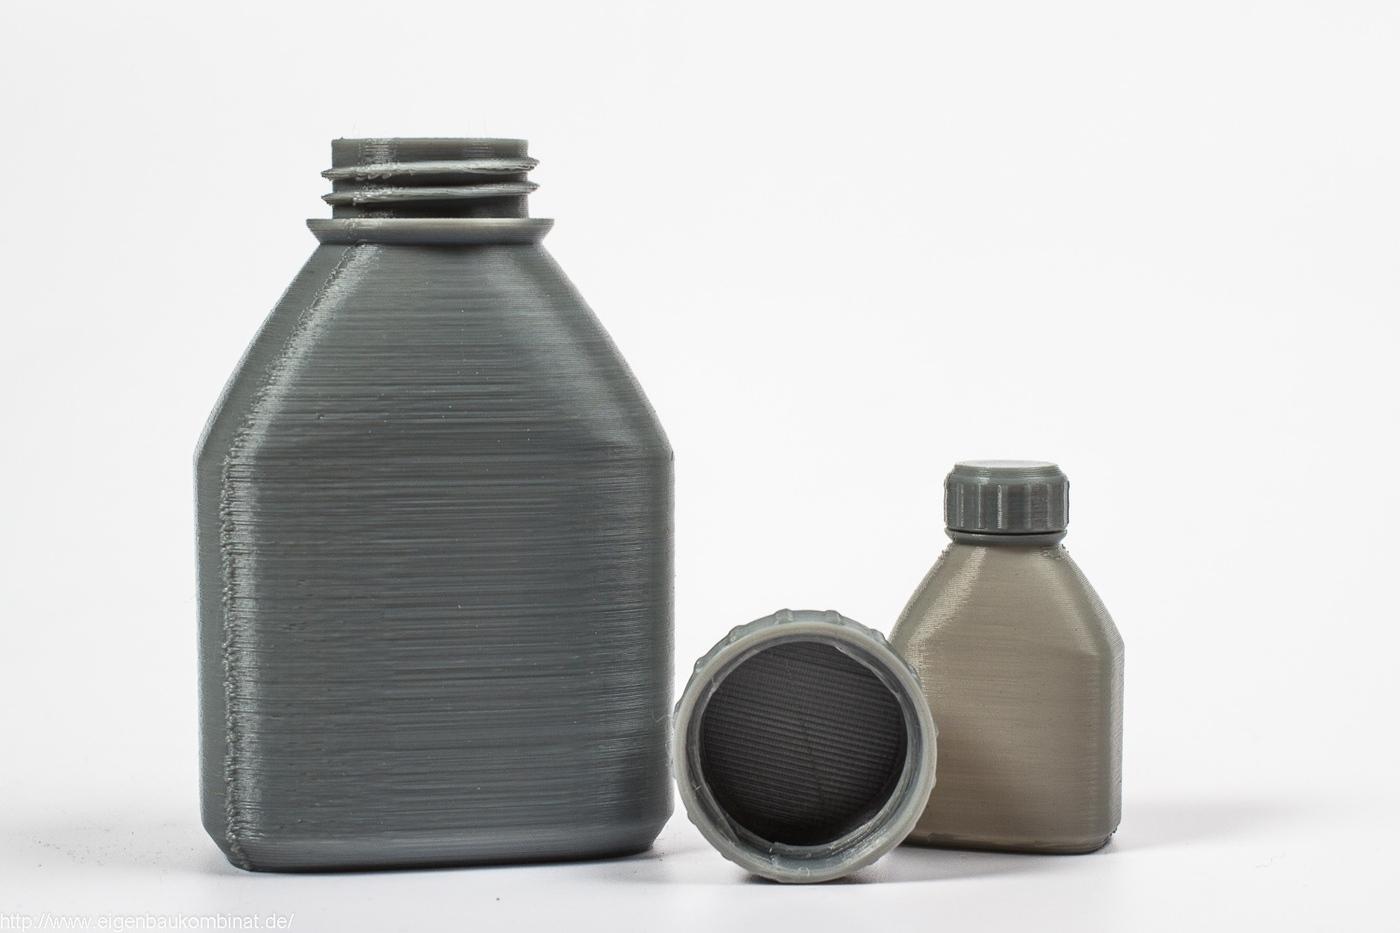 Funktionsfähige Flaschen aus dem 3D-Drucker